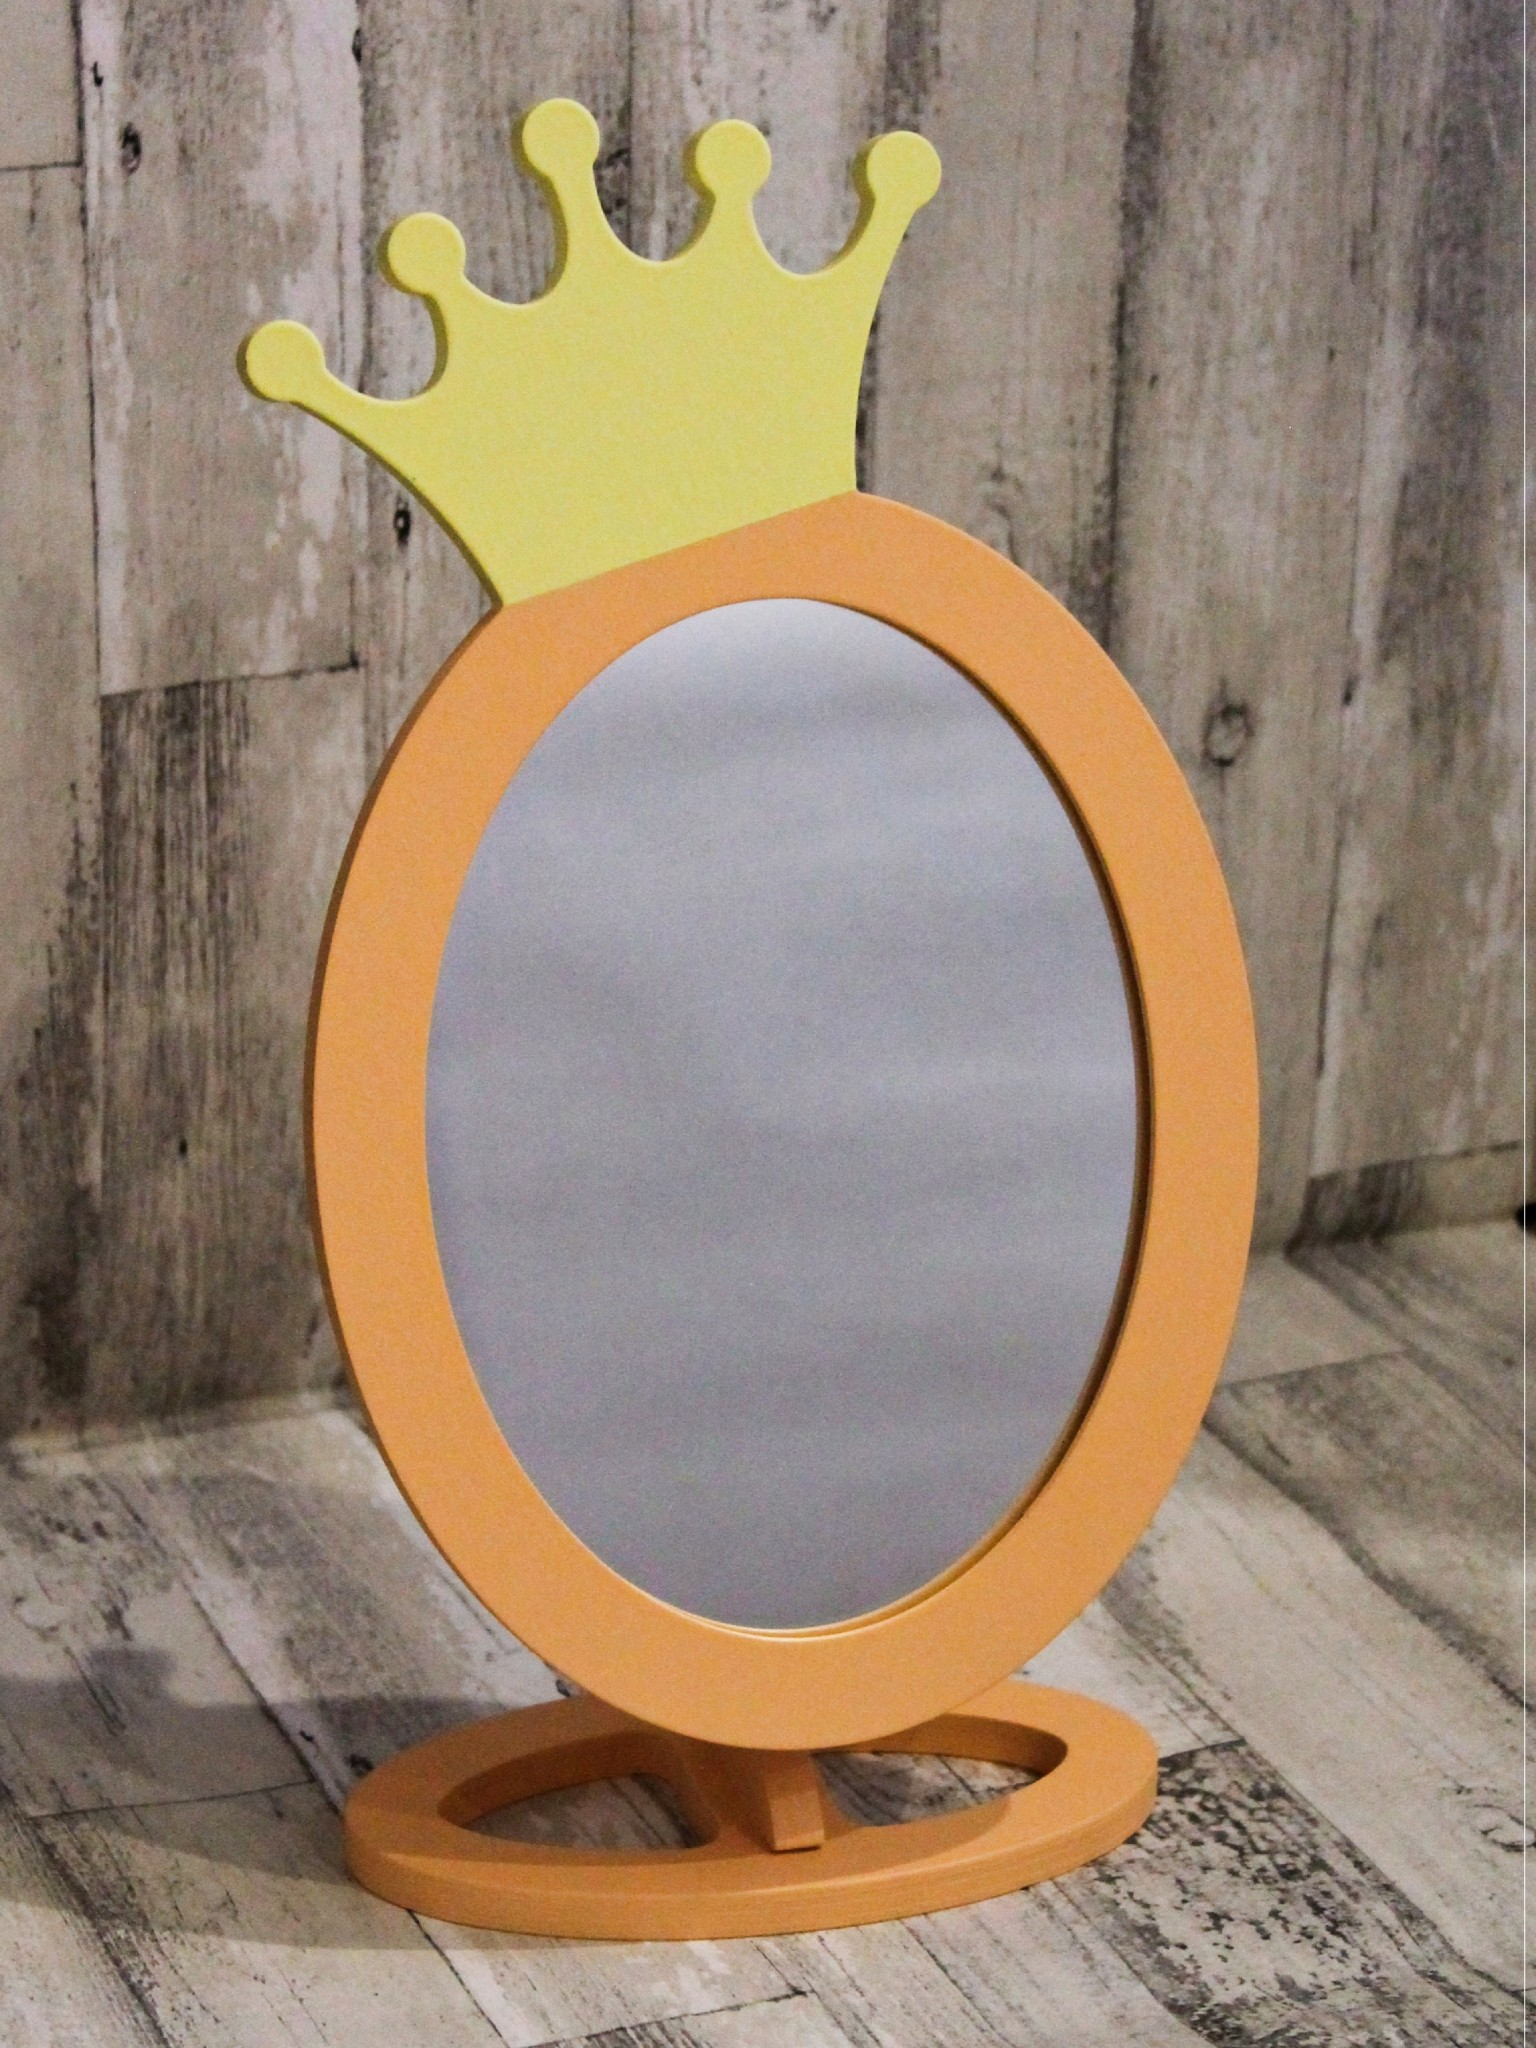 Full Size of Spiegel Kinderzimmer Knigin Krone Mdchen Violett Dekoration Fliesenspiegel Küche Selber Machen Spiegelleuchte Bad Badezimmer Spiegelschrank Mit Beleuchtung Kinderzimmer Spiegel Kinderzimmer